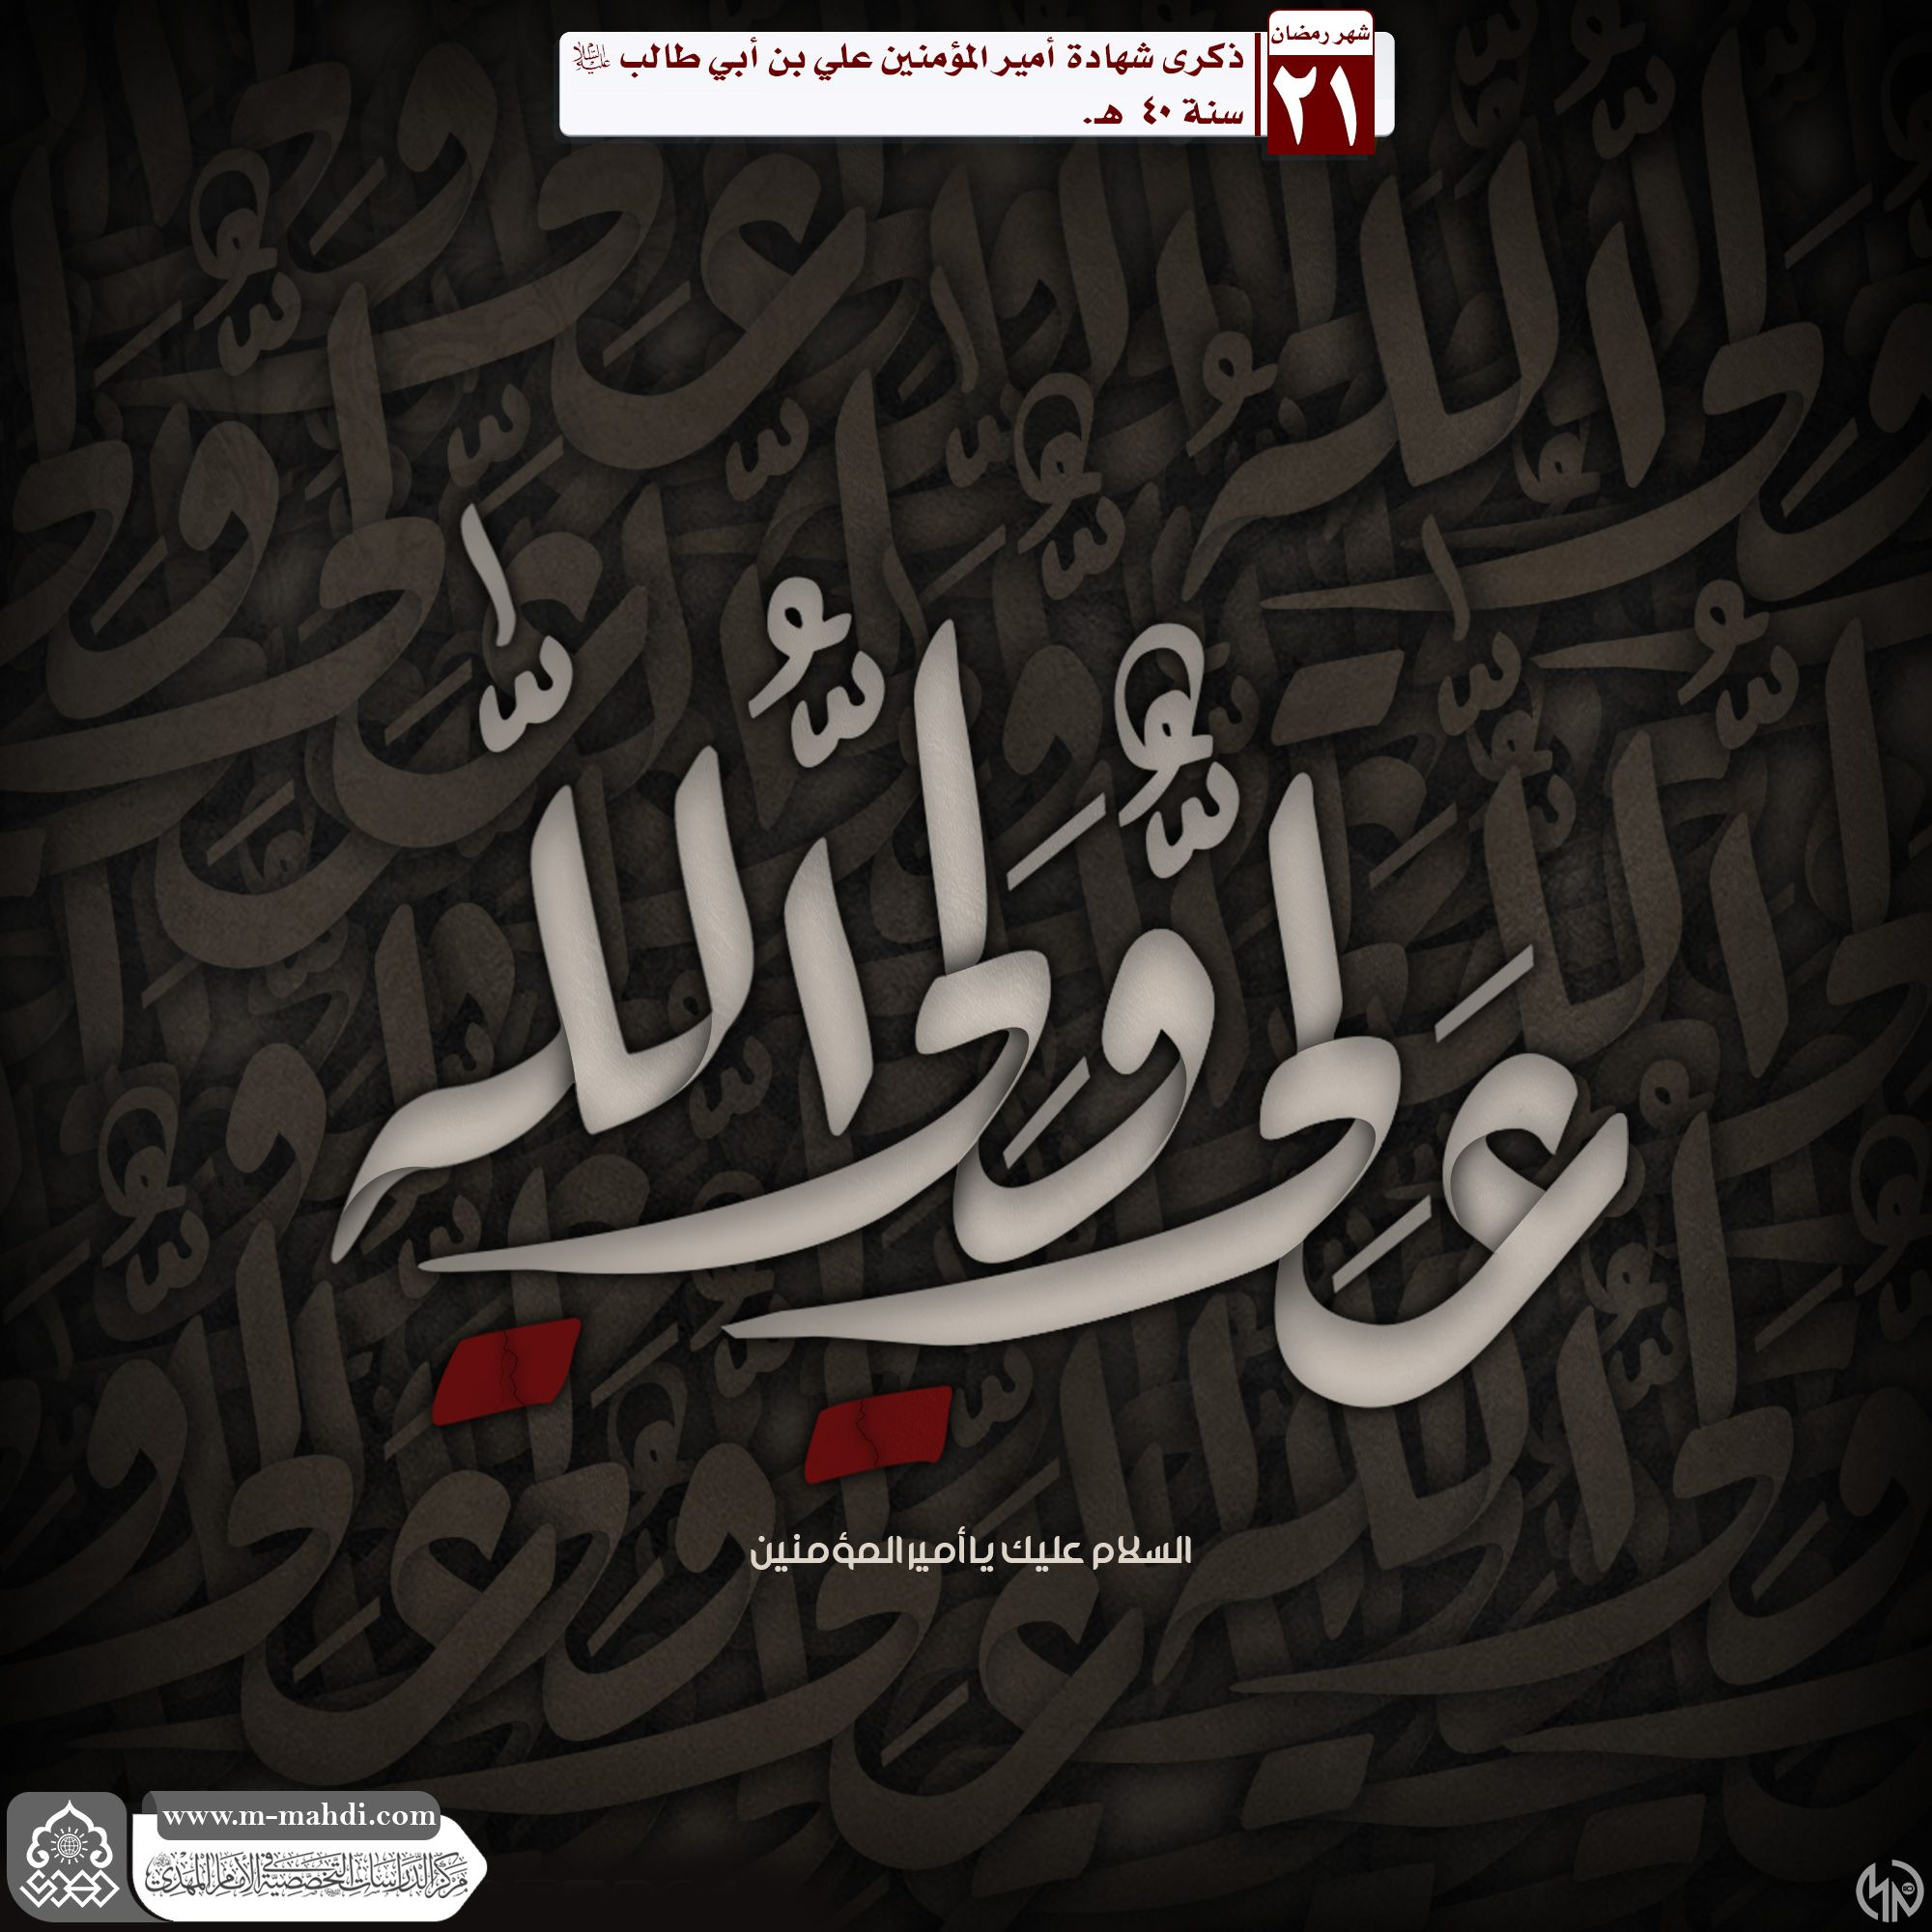 Pin By إسماعيل الغيـطانى On تصميمات وبراويز مزخرفة Sheet Music